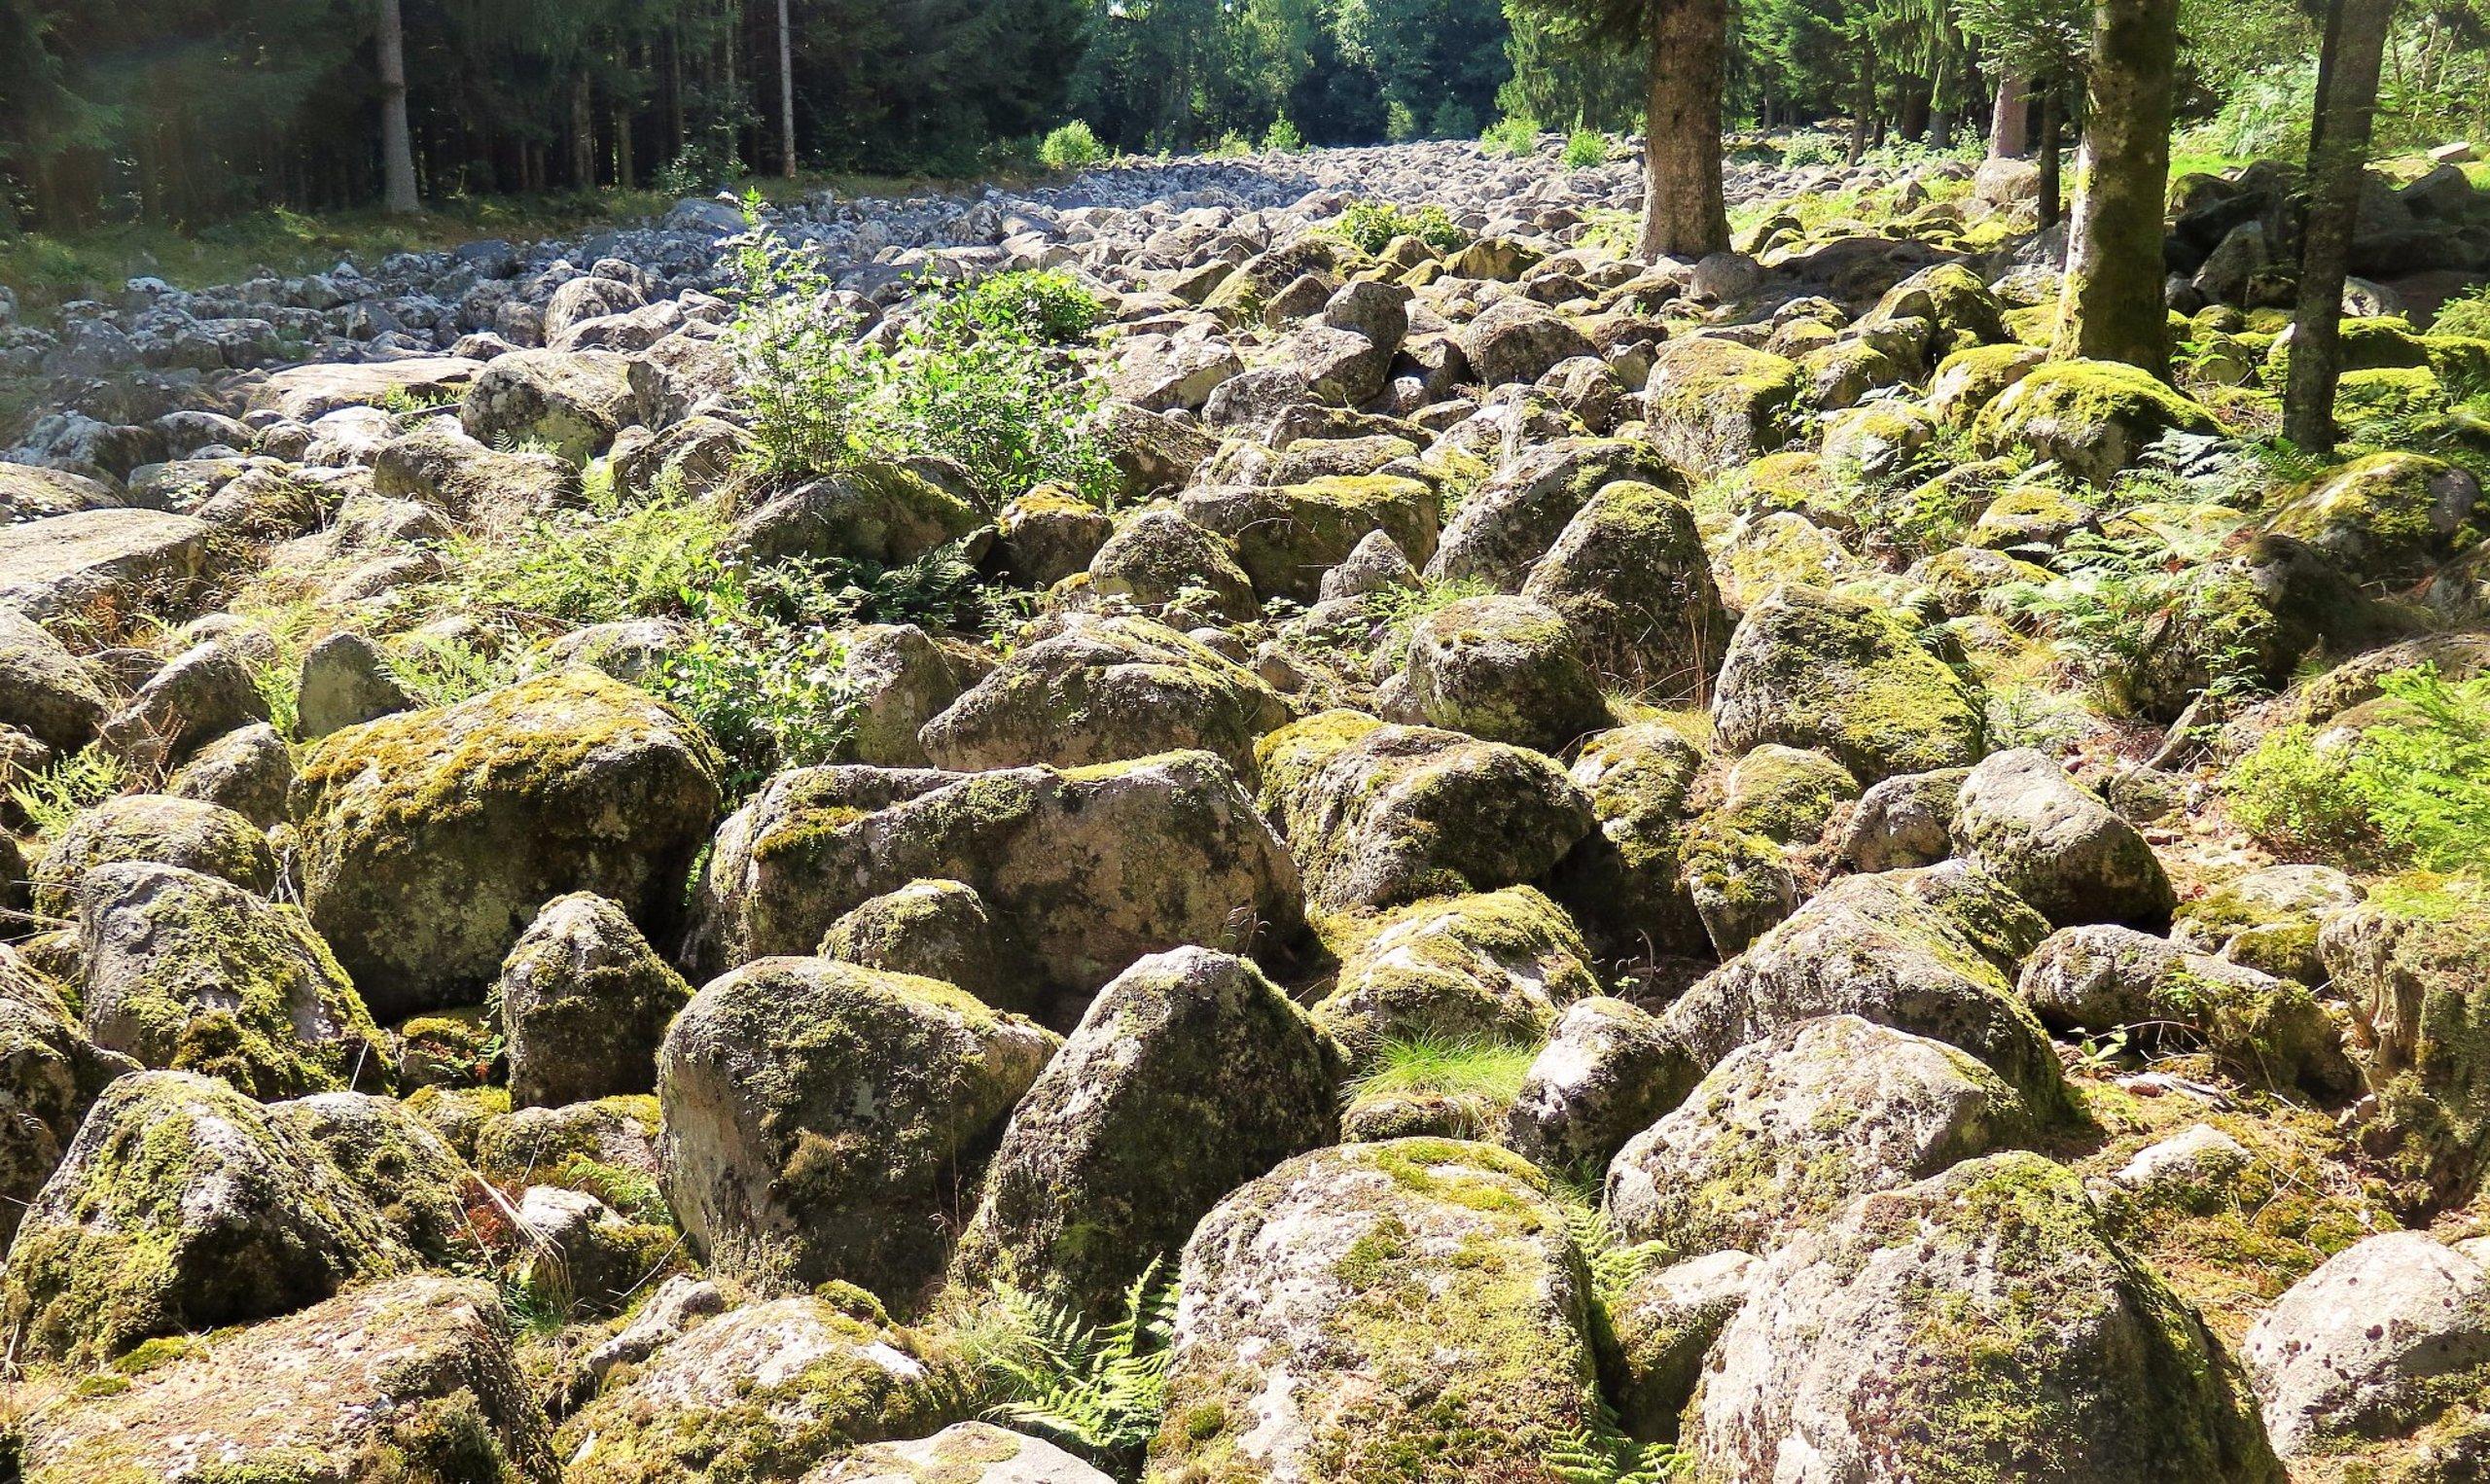 le champ de roches a